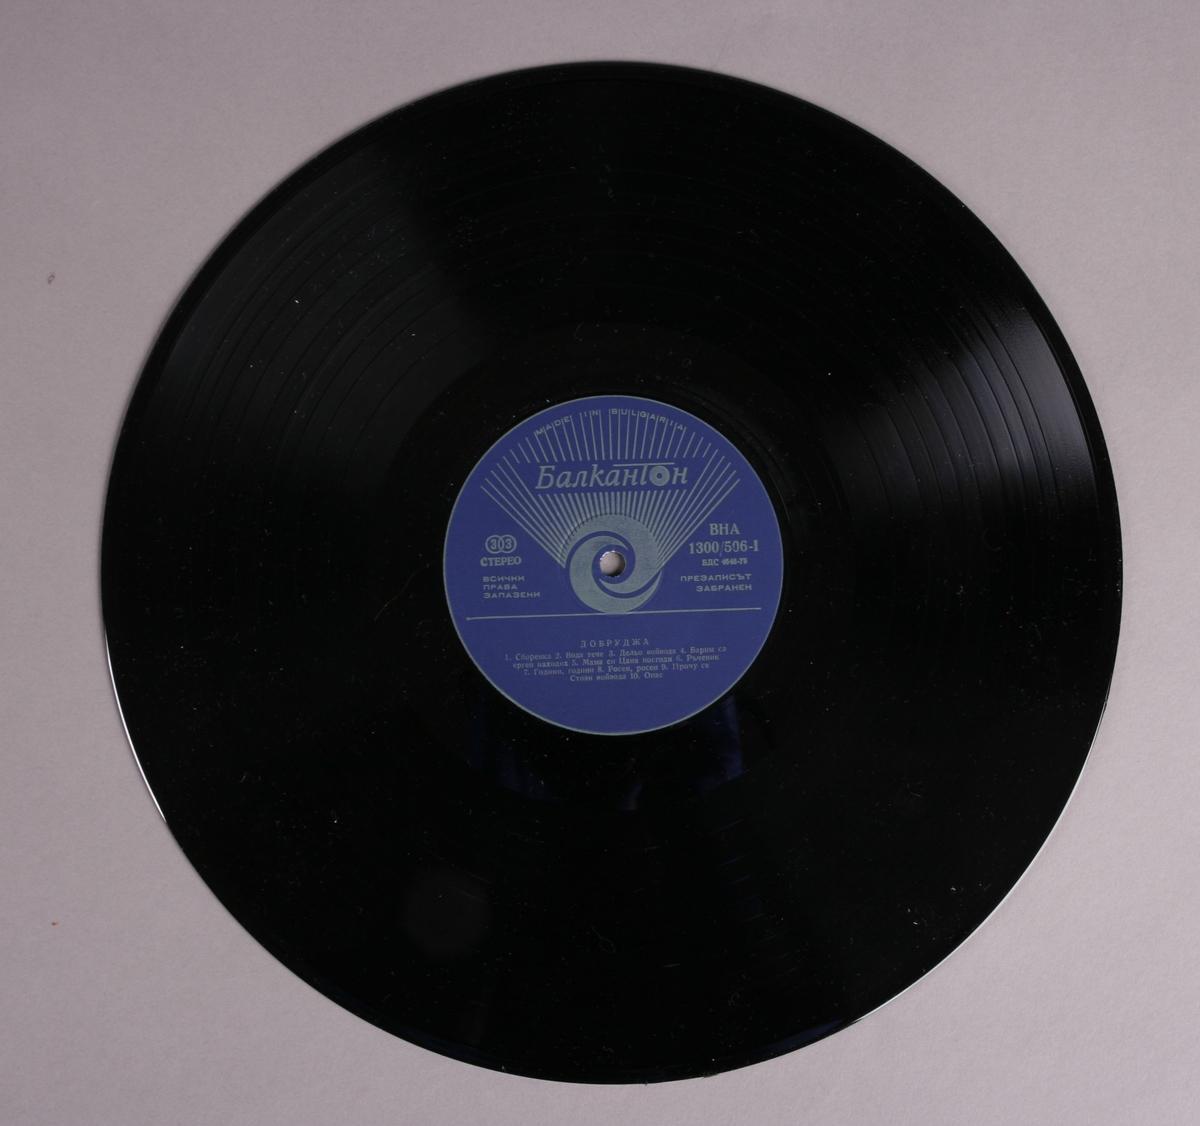 Platesamling bestående av tre plater i svart vinyl. Platene ligger i et plateomslag av papp, og hver plate ligger i en papirlomme. Ligger også ved et hefte som beskriver musikken.